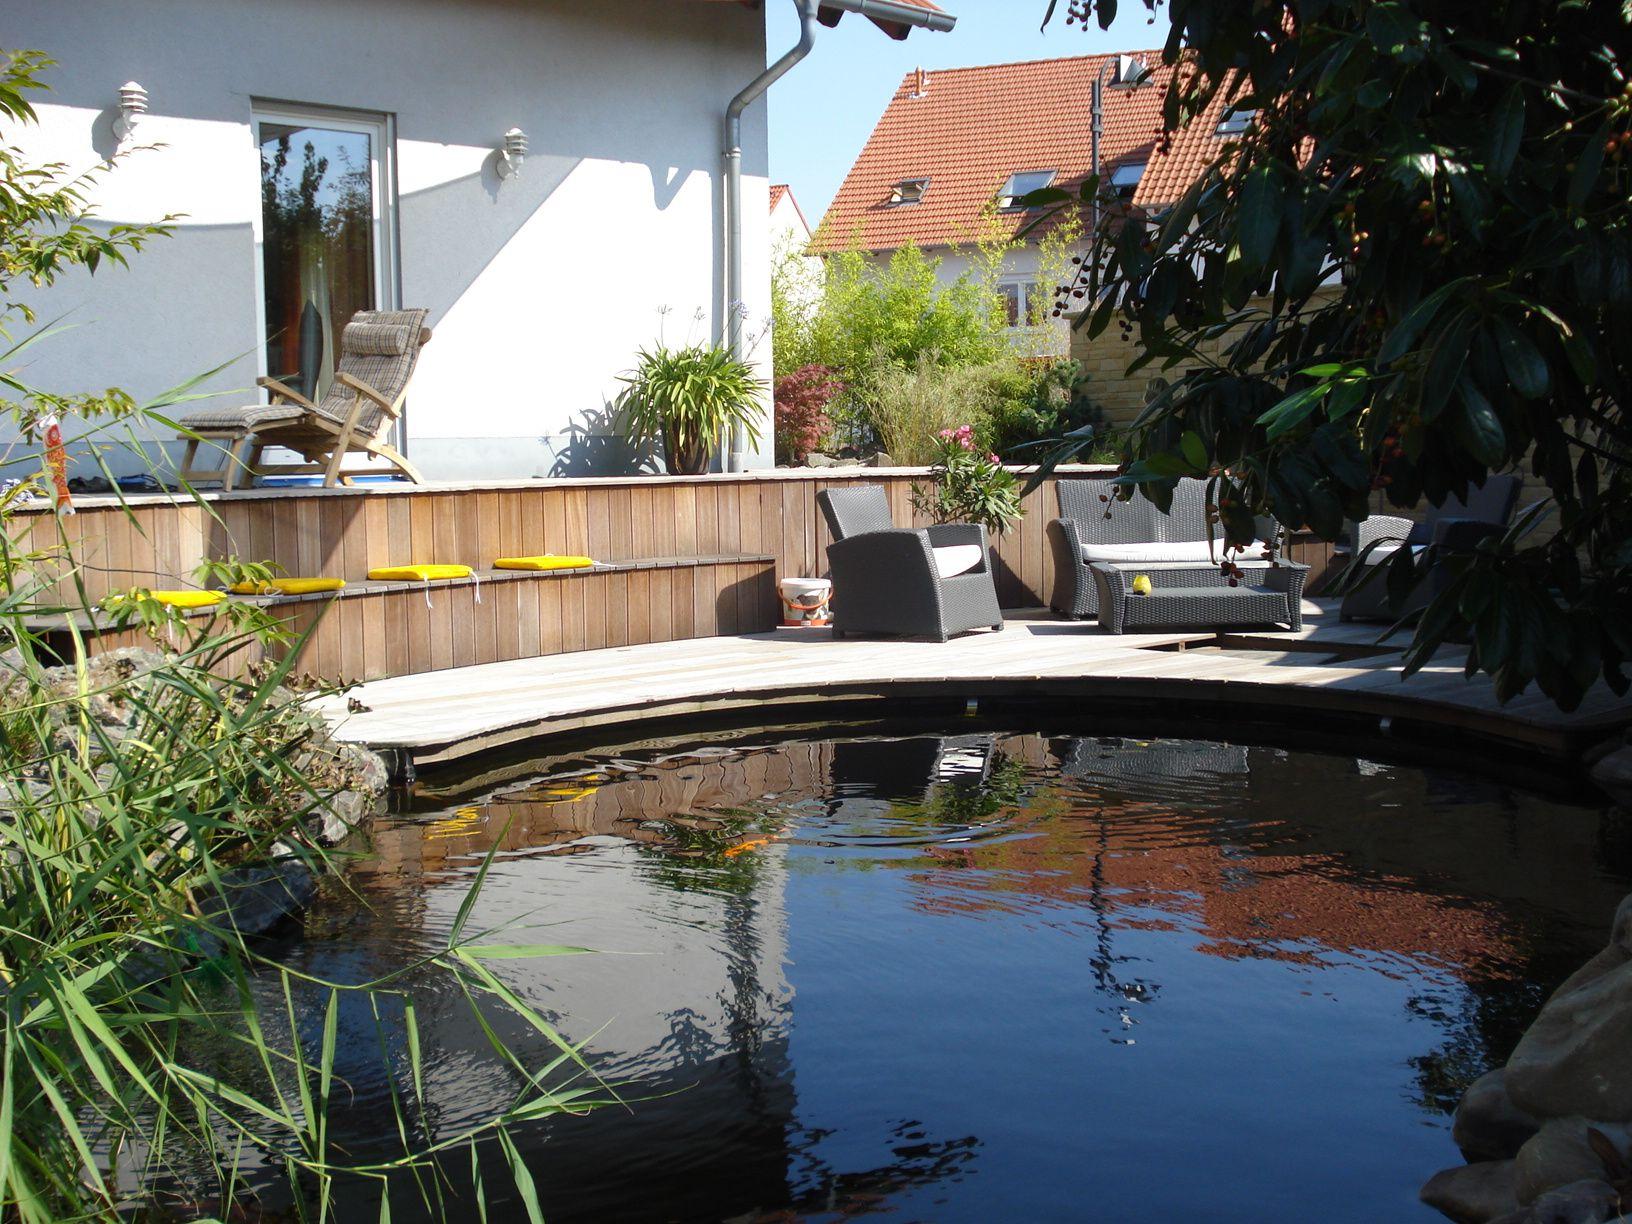 Idyllischer Wohngarten mit Koi-Teich, umrandet von Holzdeck zum ...